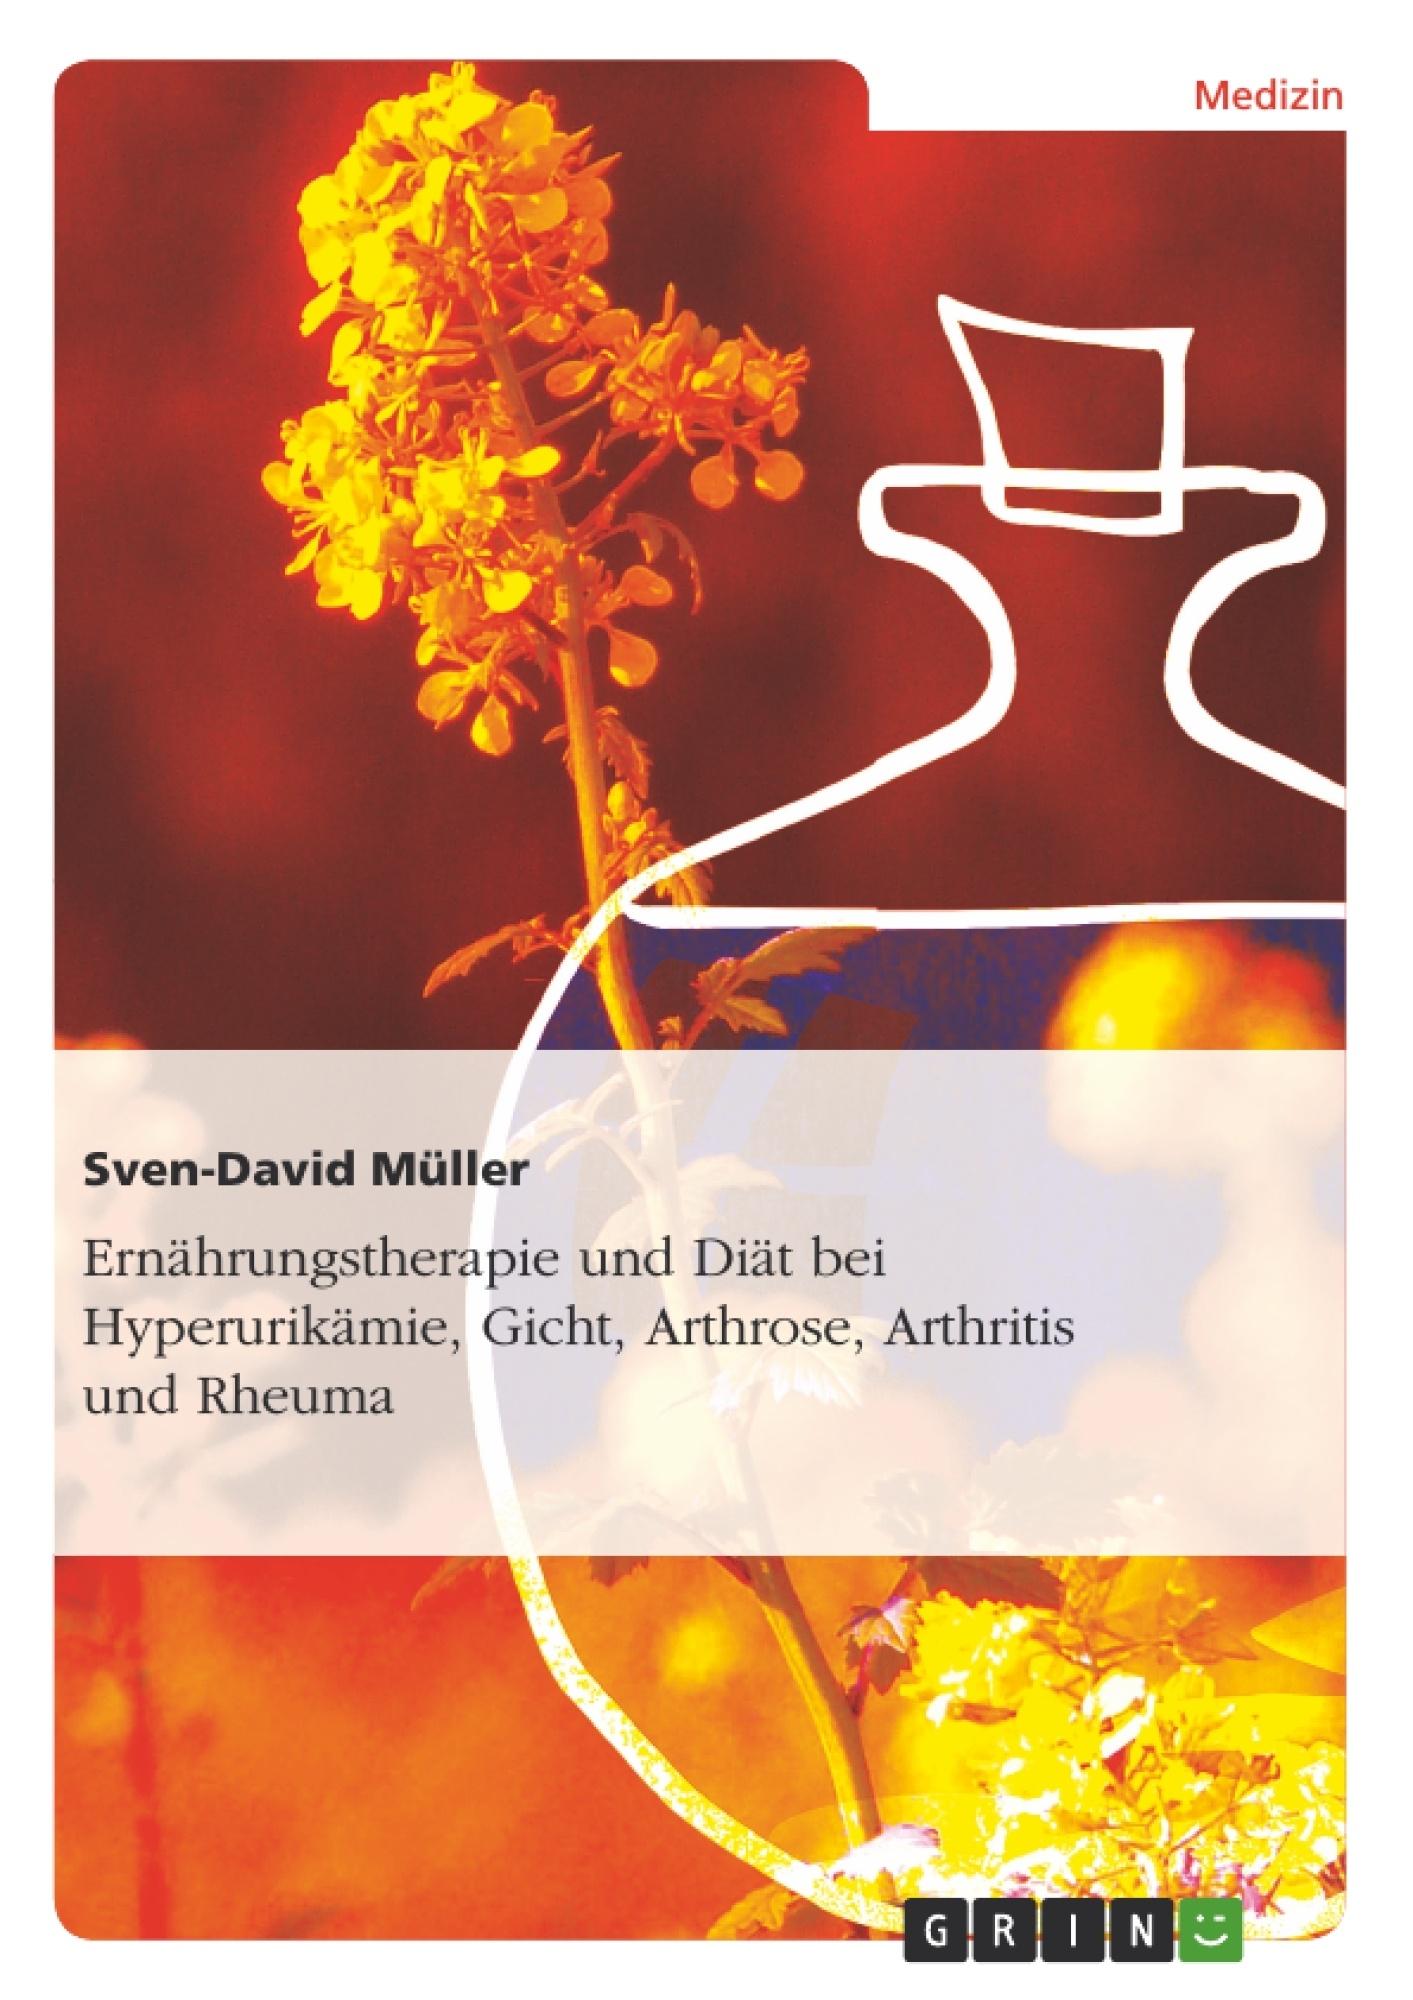 Titel: Ernährungstherapie und Diät bei Hyperurikämie, Gicht, Arthrose, Arthritis und Rheuma